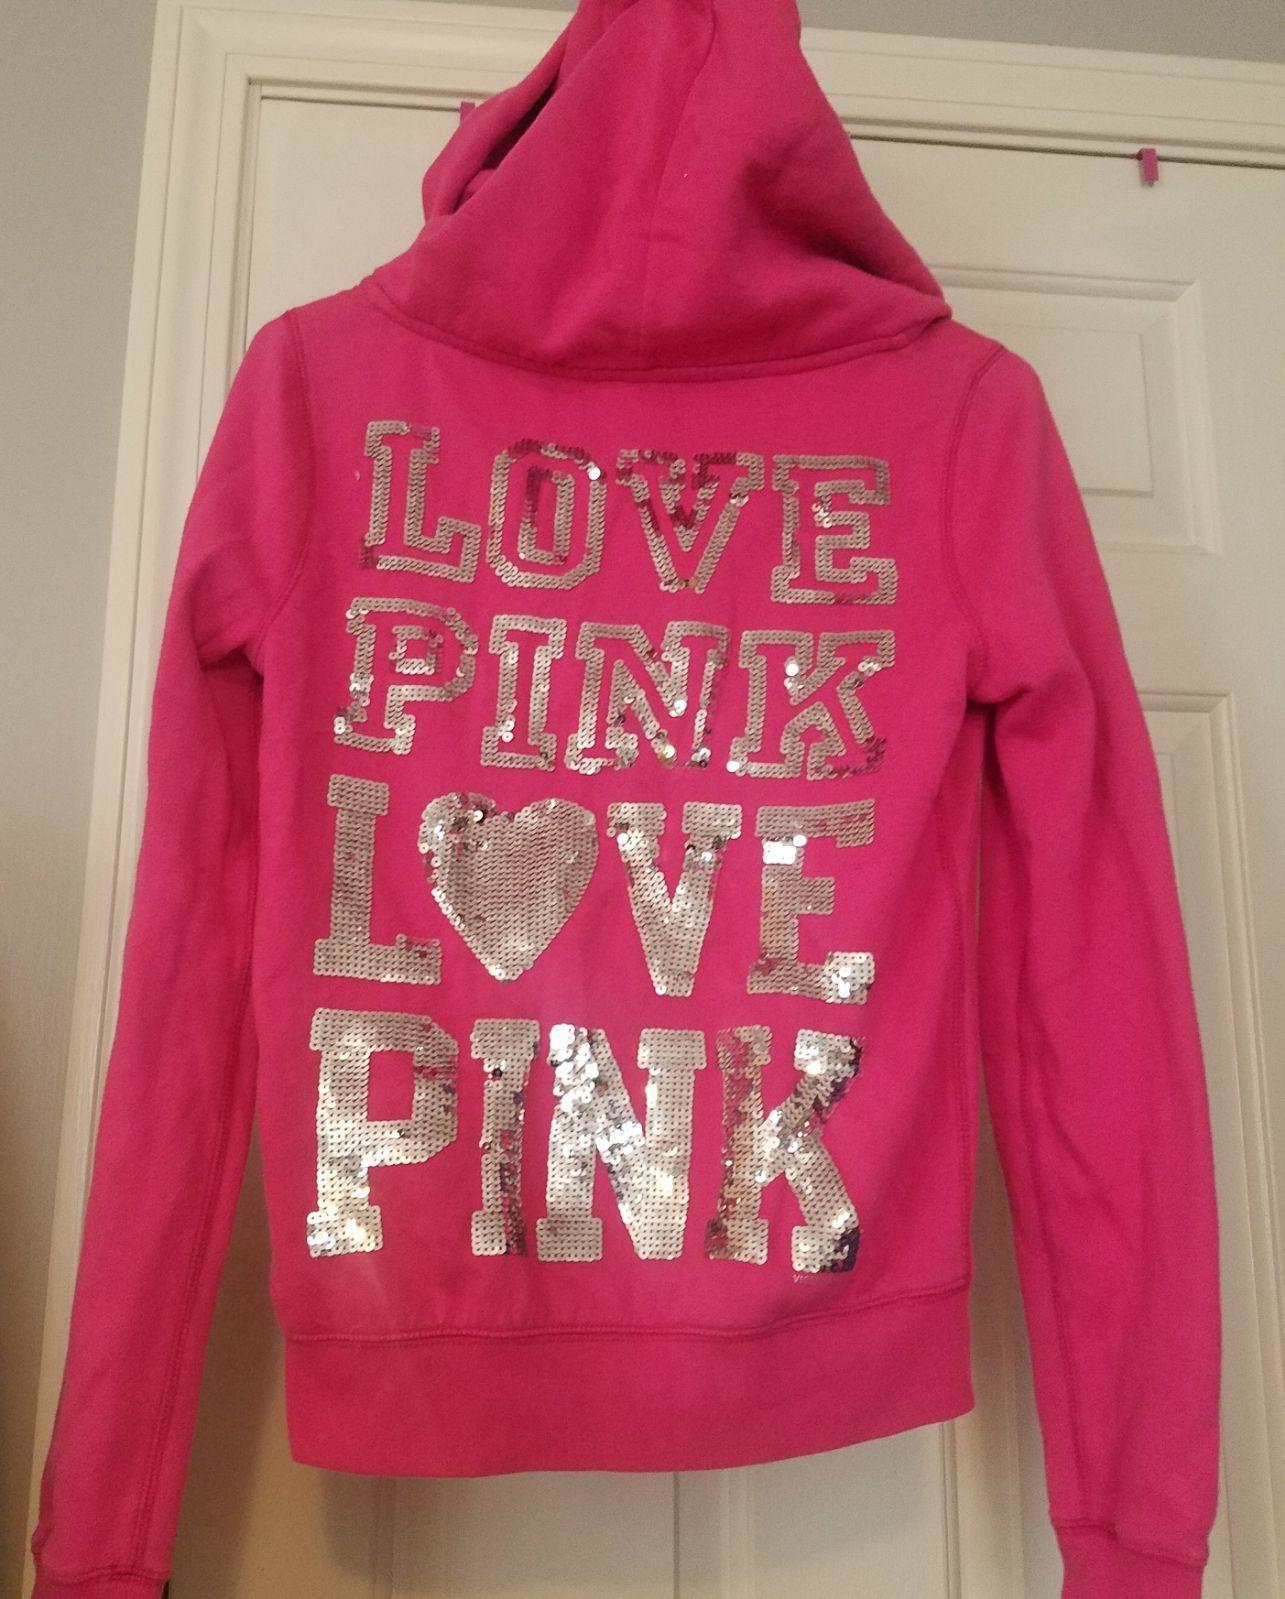 Vs Pink bling hoodie sweater full zip - Mercari: BUY & SELL THINGS ...